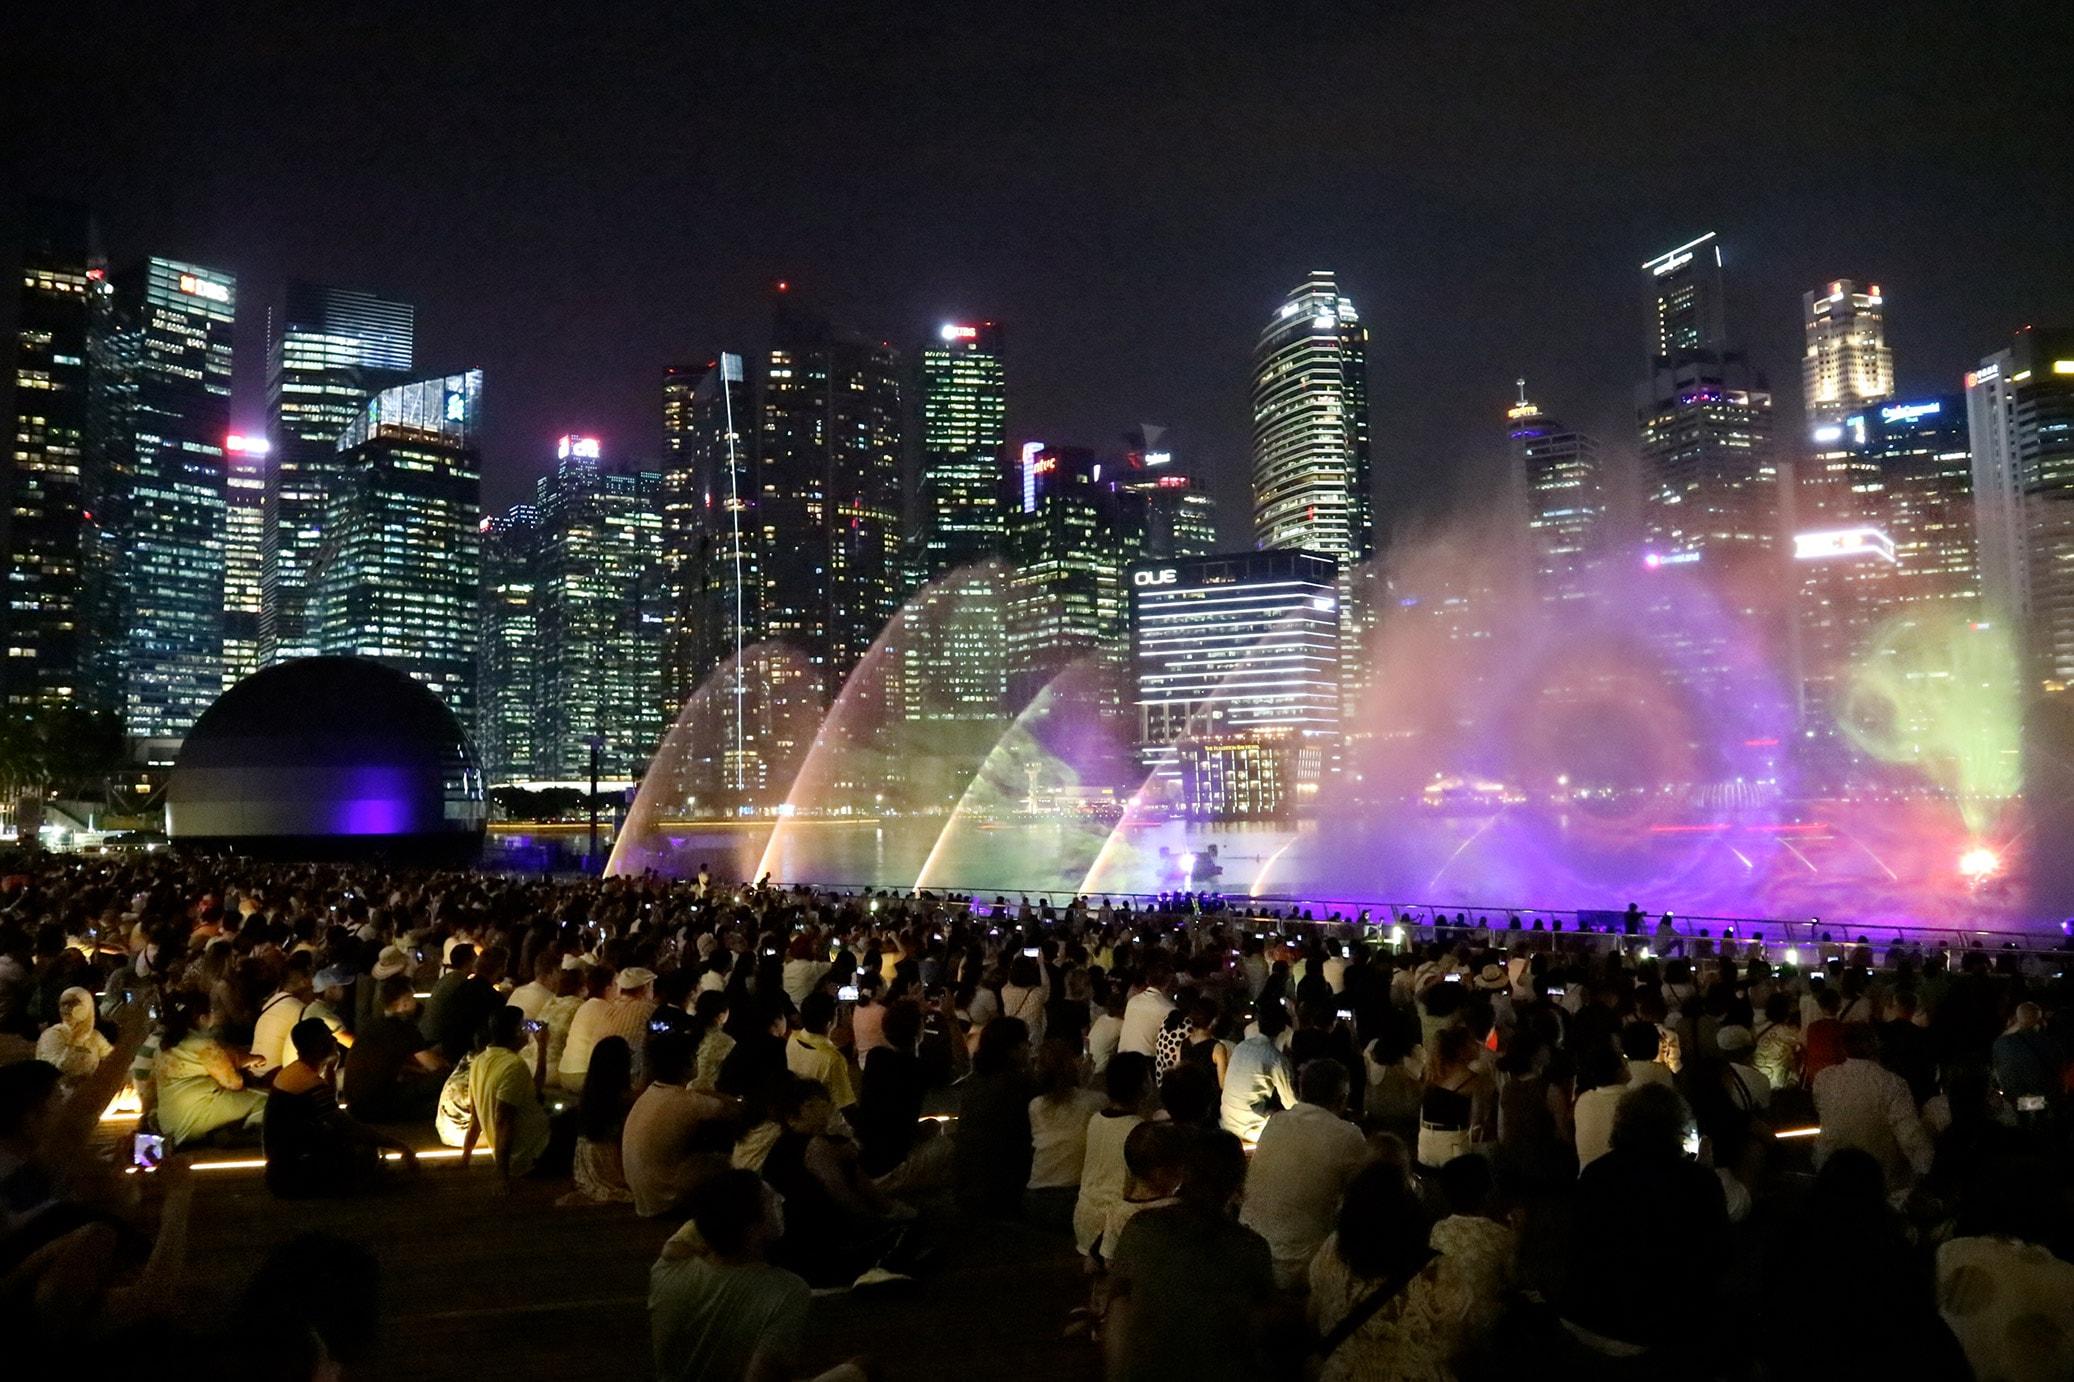 spettacolo di luci e fontane di notte